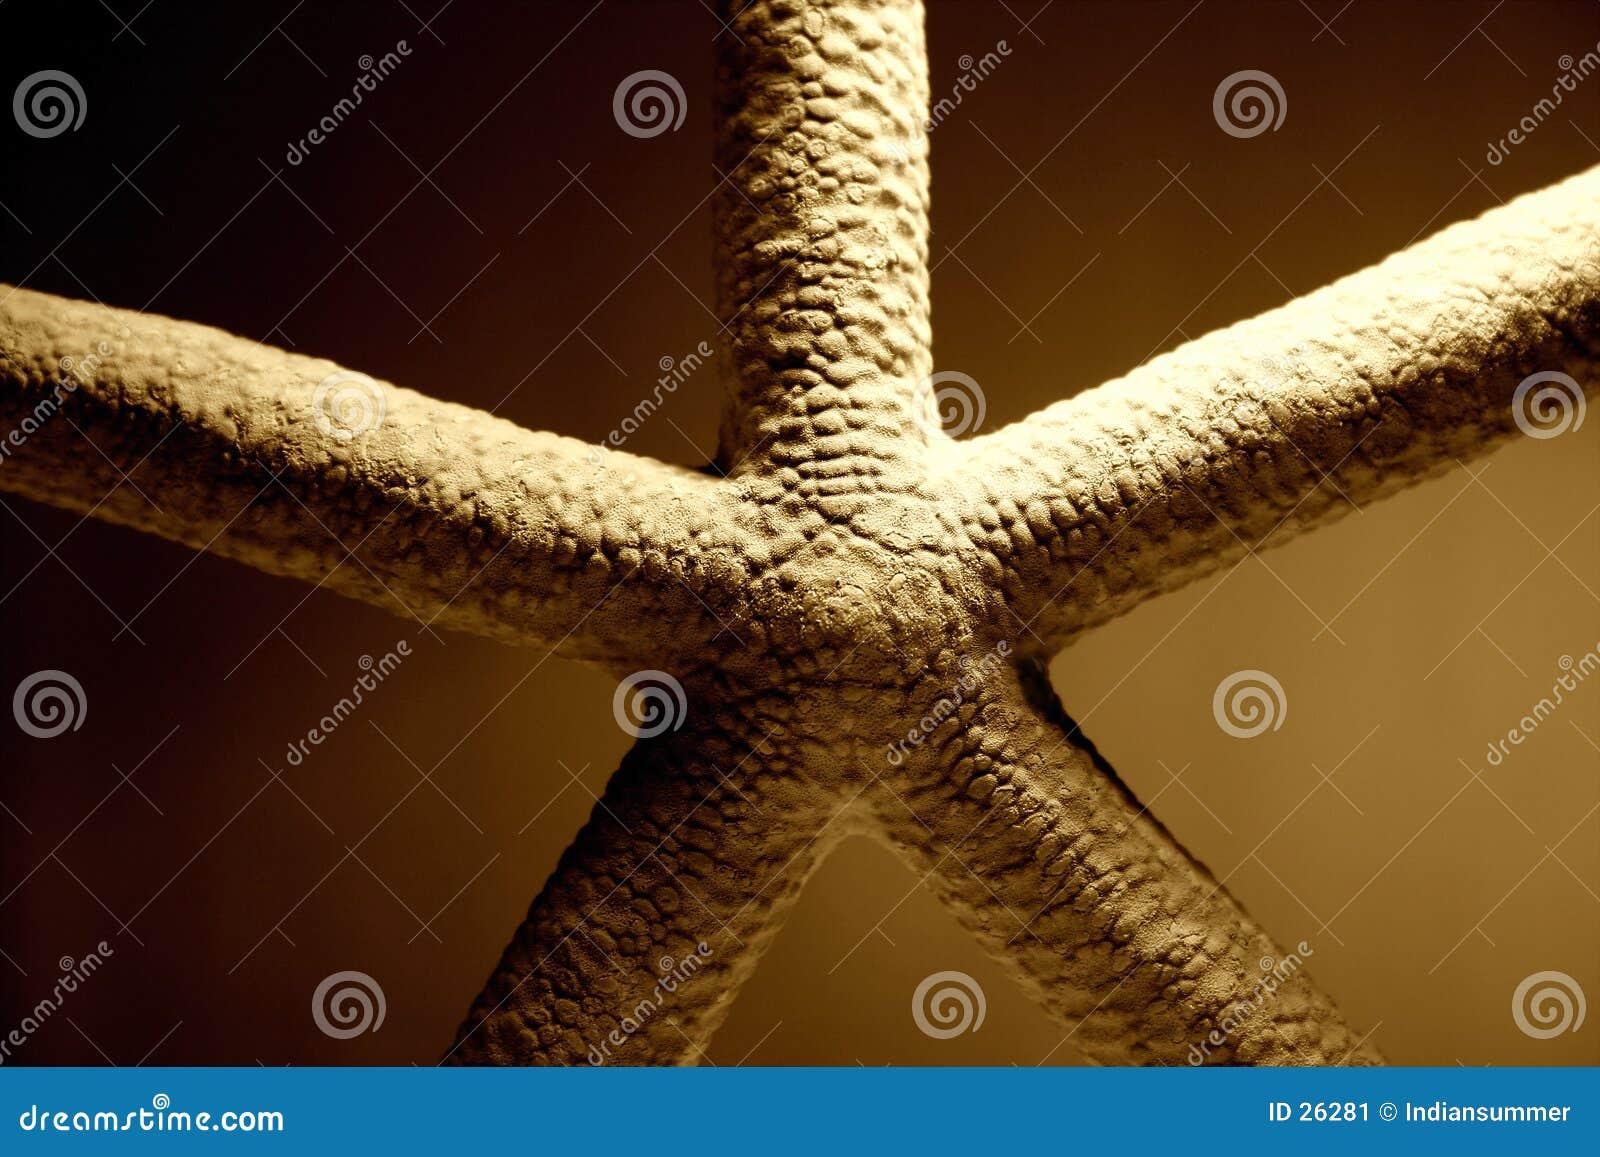 Starfish close-up